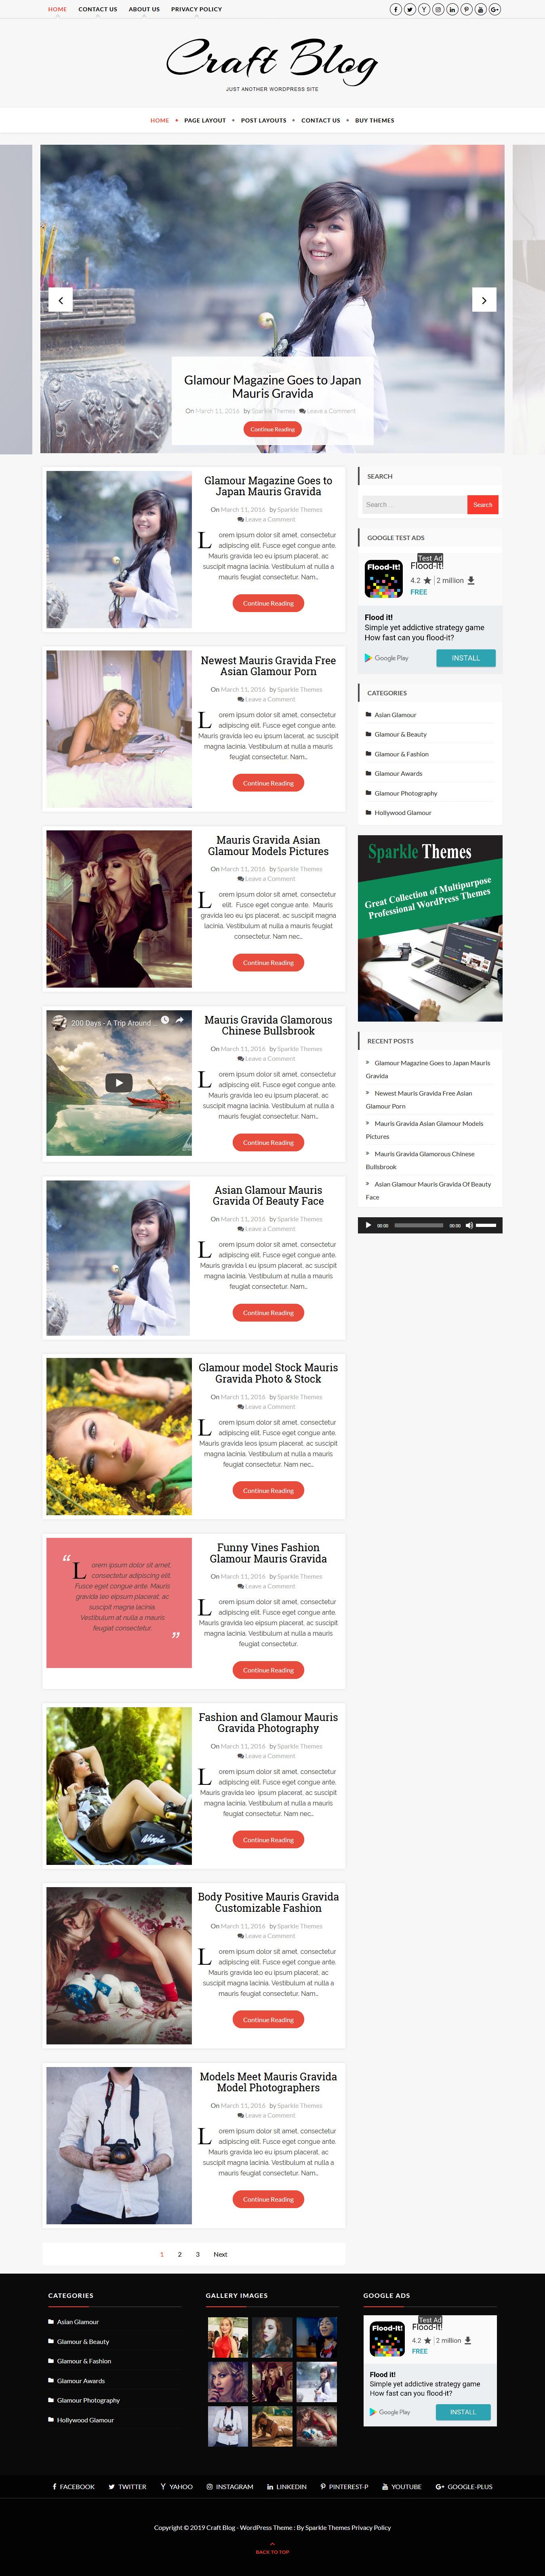 Craft Blog - El mejor tema de WordPress de estilo de vida gratuito